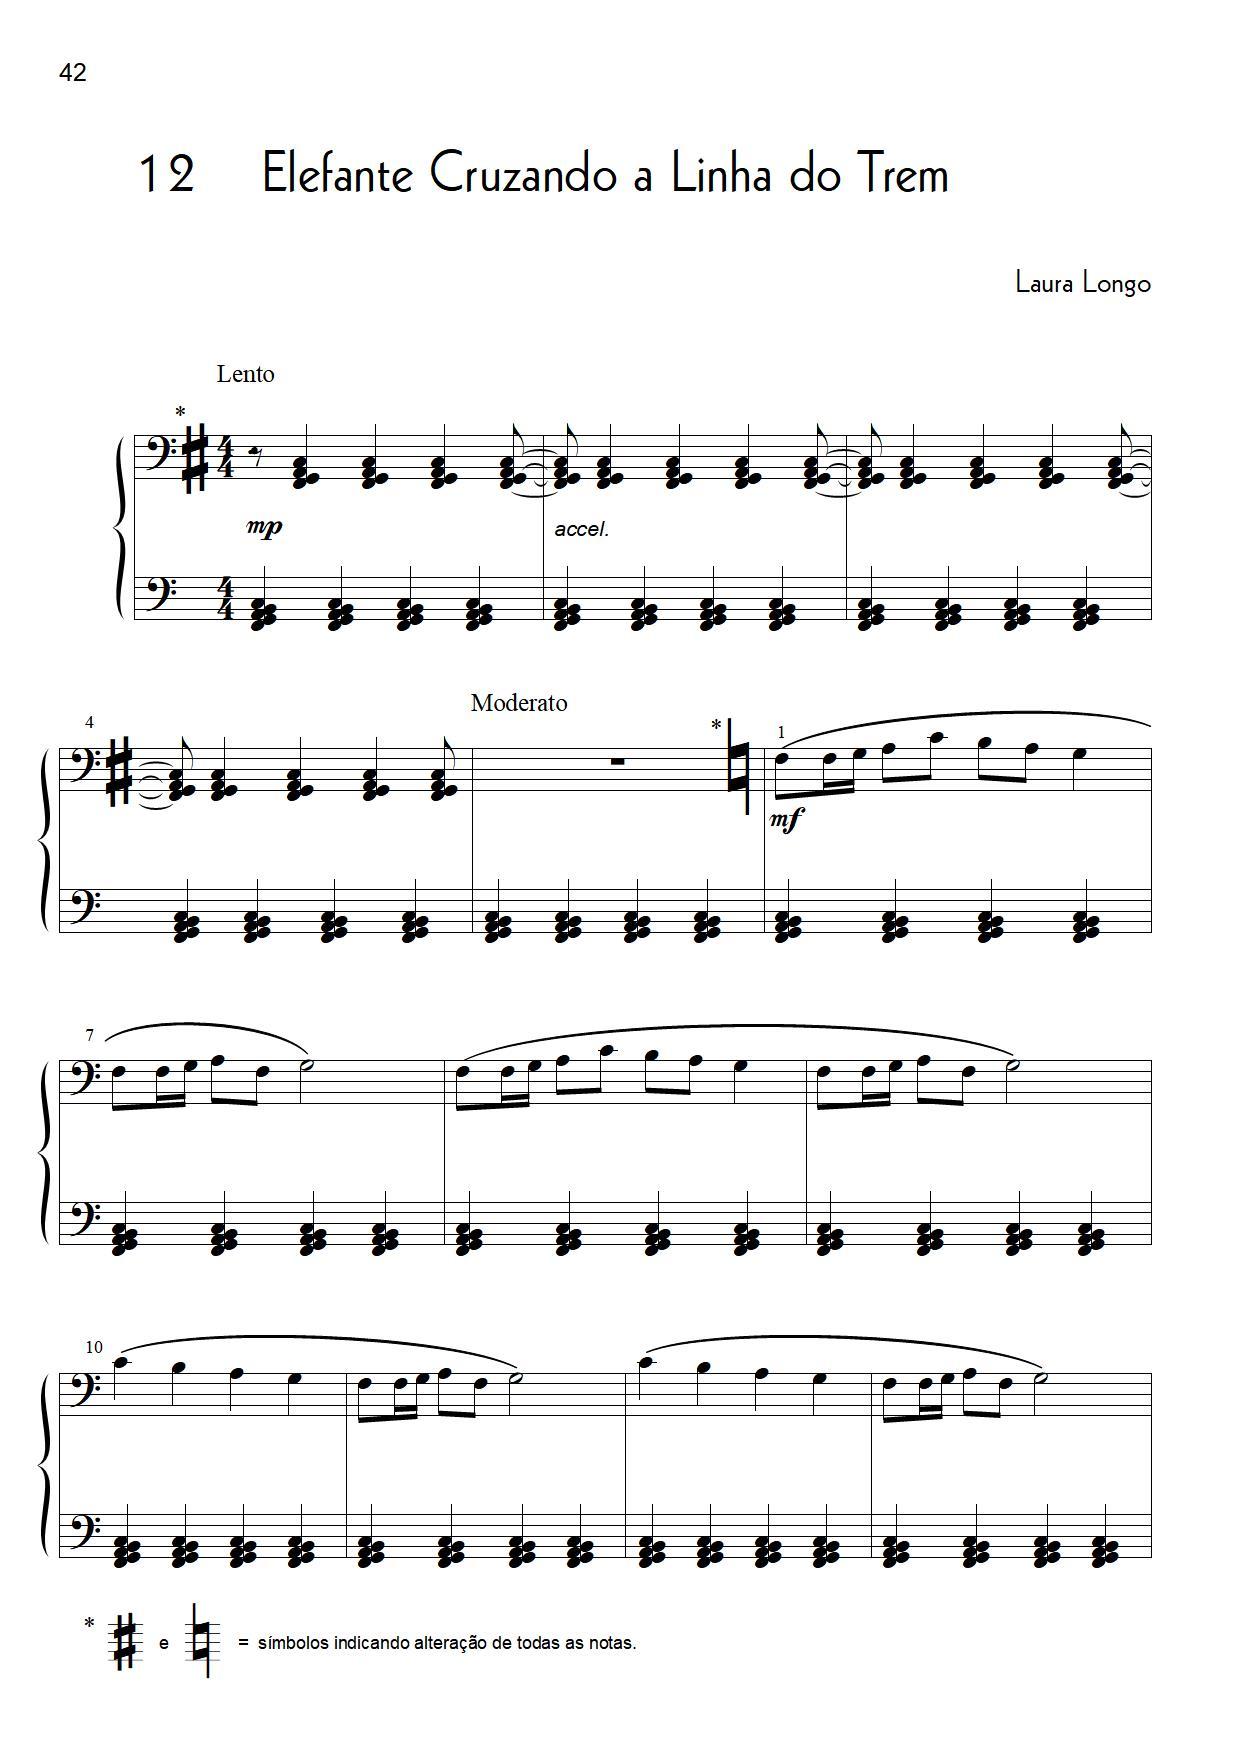 PDF Partitura Livro da Laura Longo exemplo Disponivel na Loja Mineira do Musico